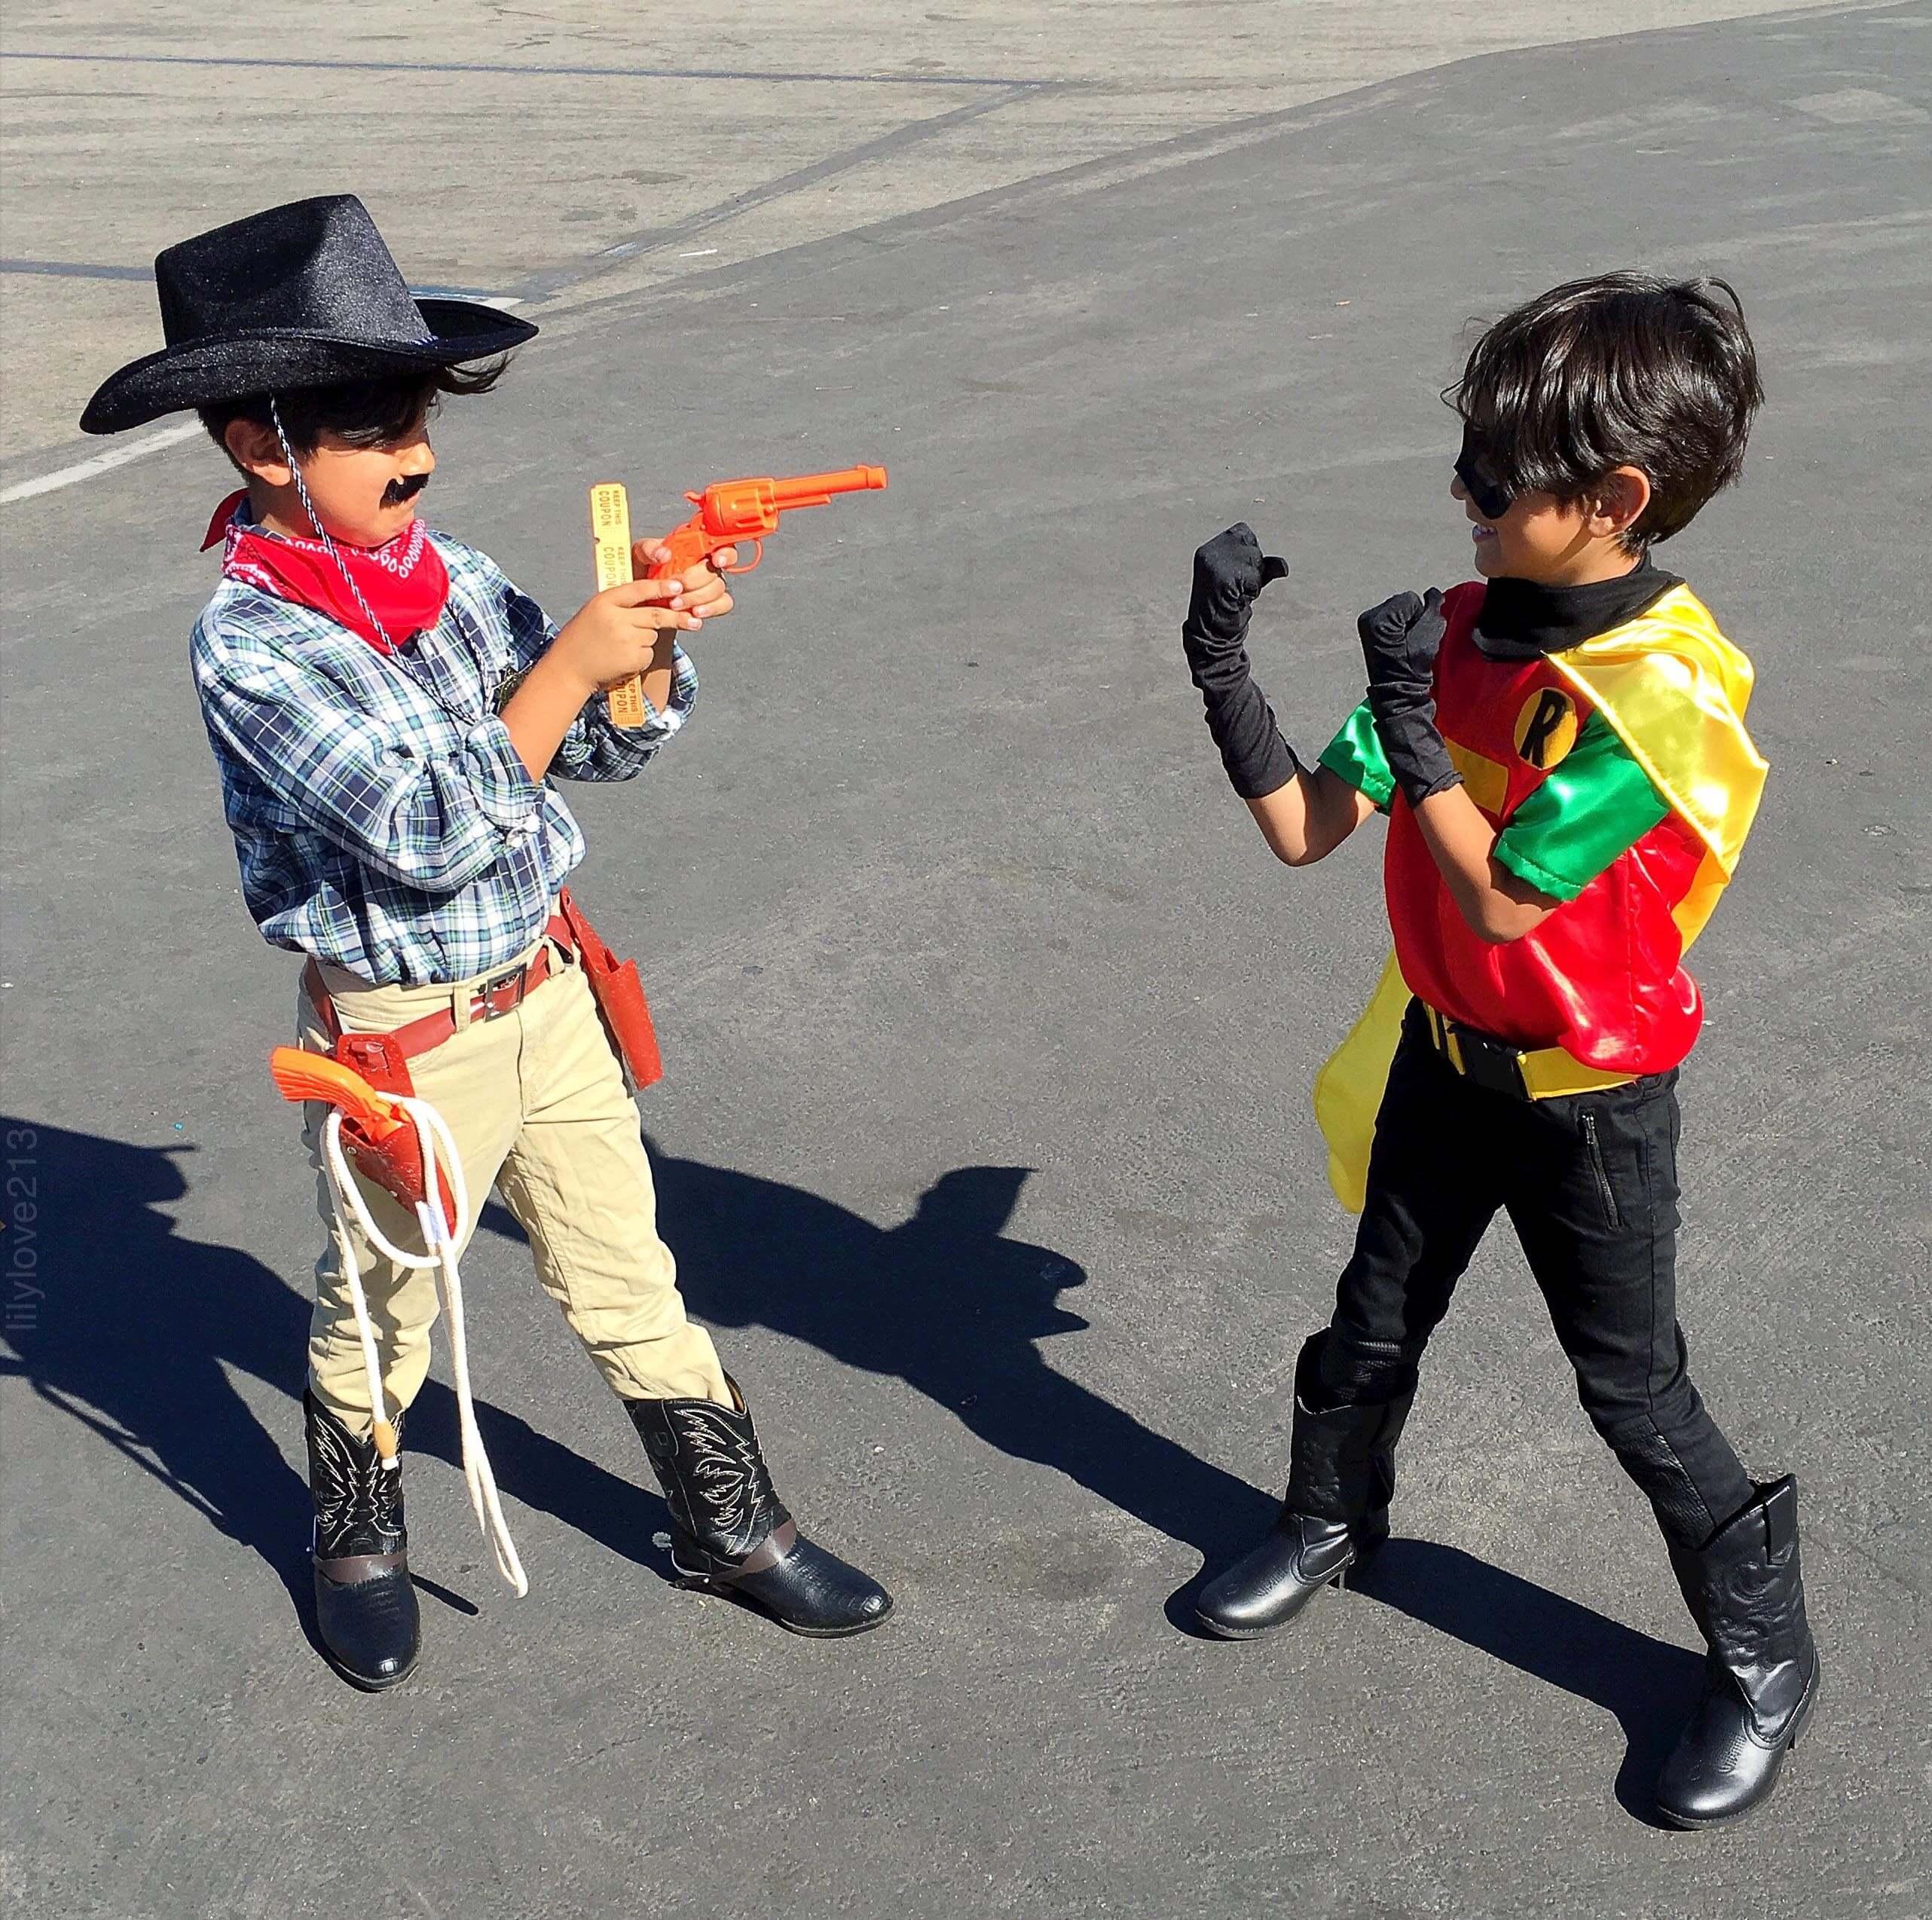 cowboy n hero fight